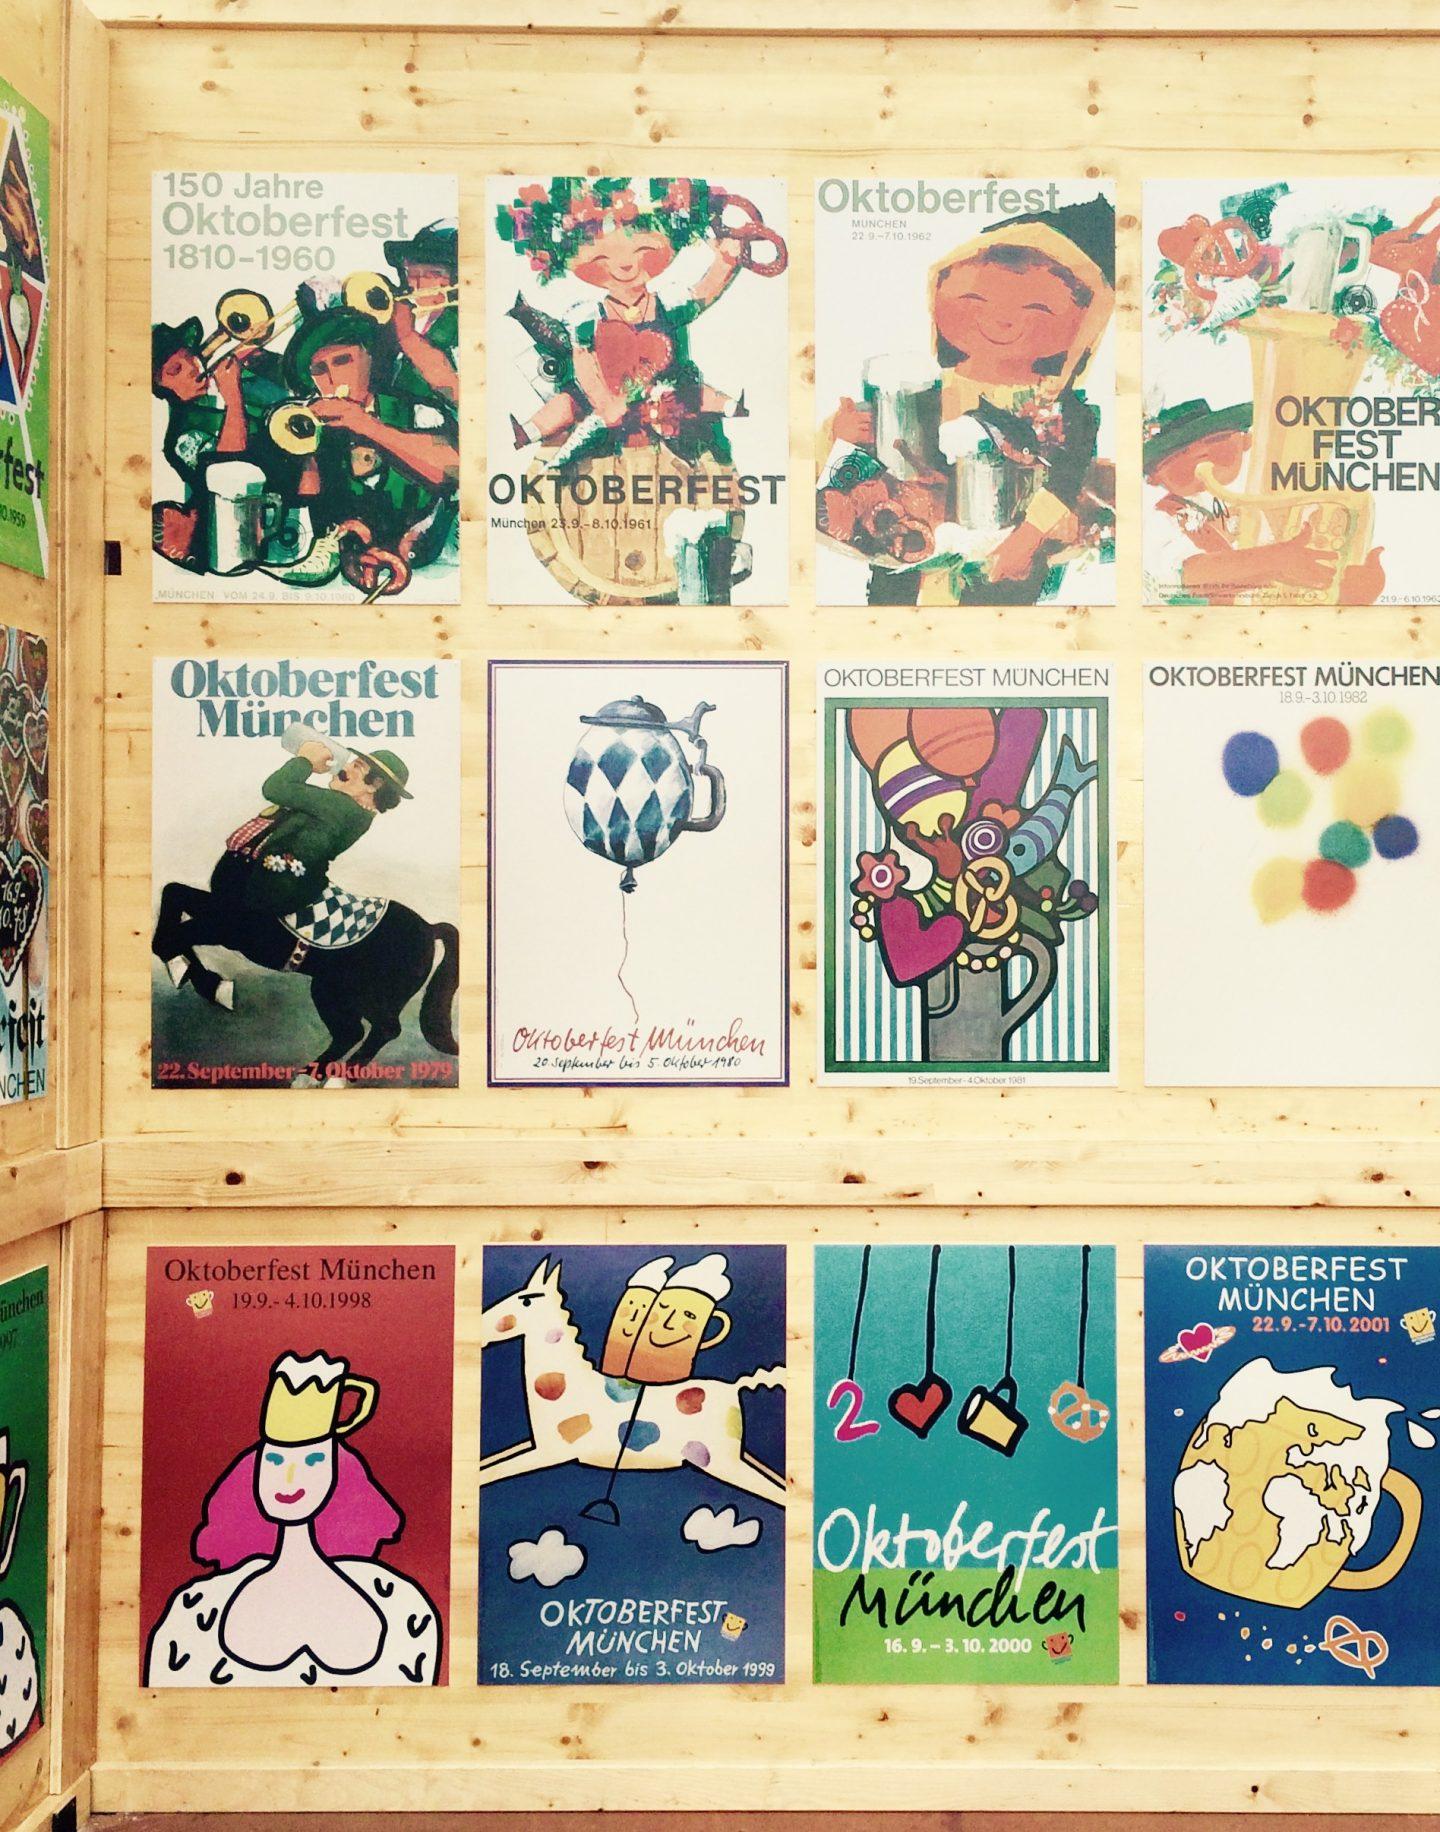 Oktoberfest history